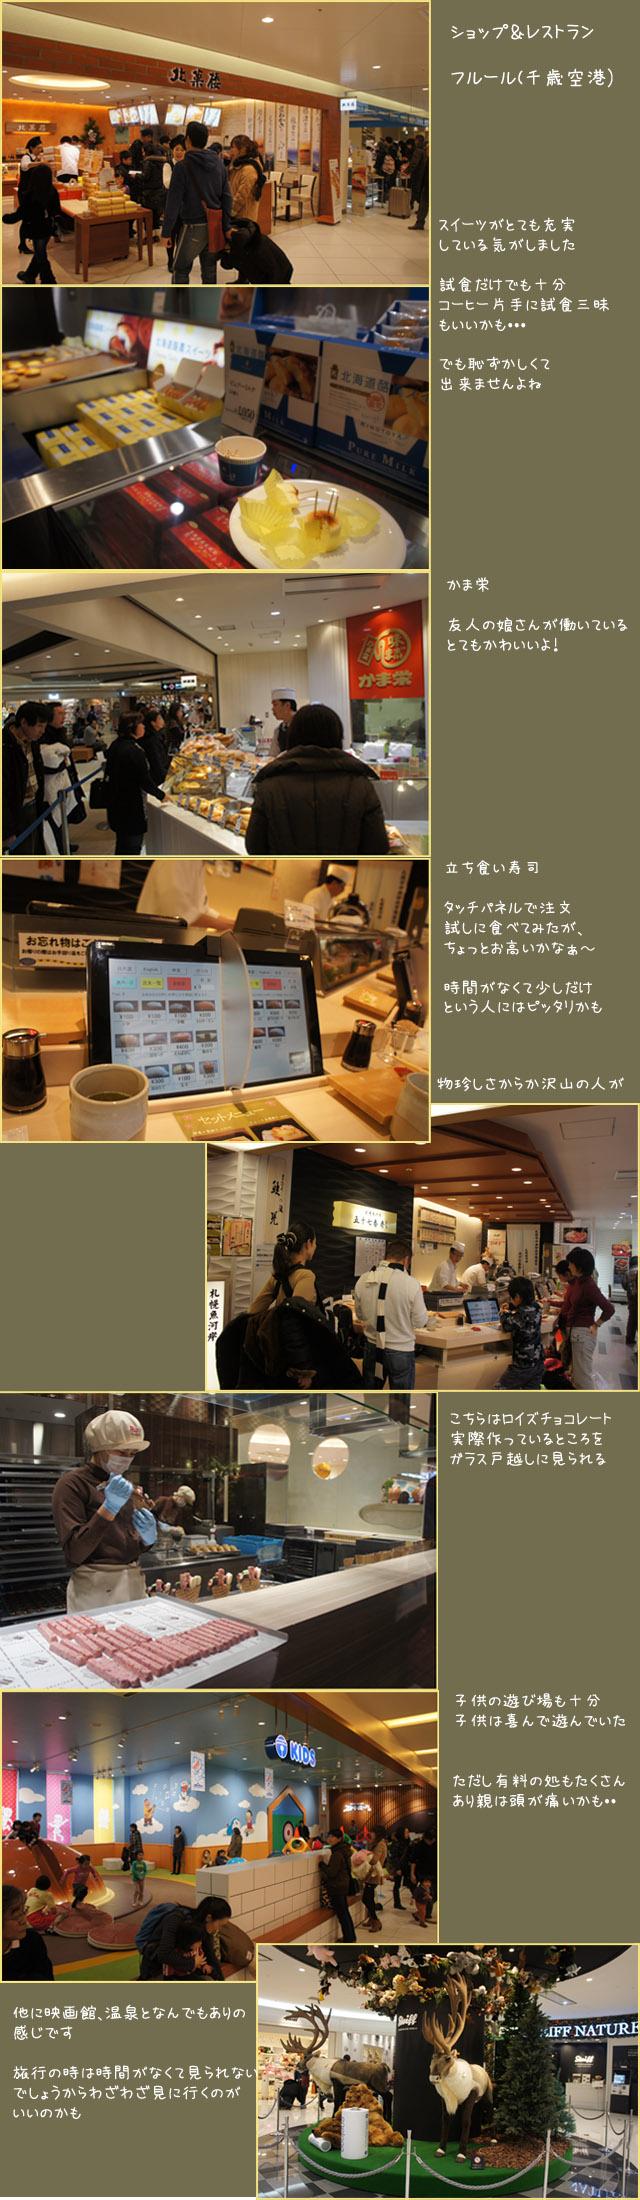 新千歳空港ショップ&レストラン「フルール」_b0019313_17513352.jpg